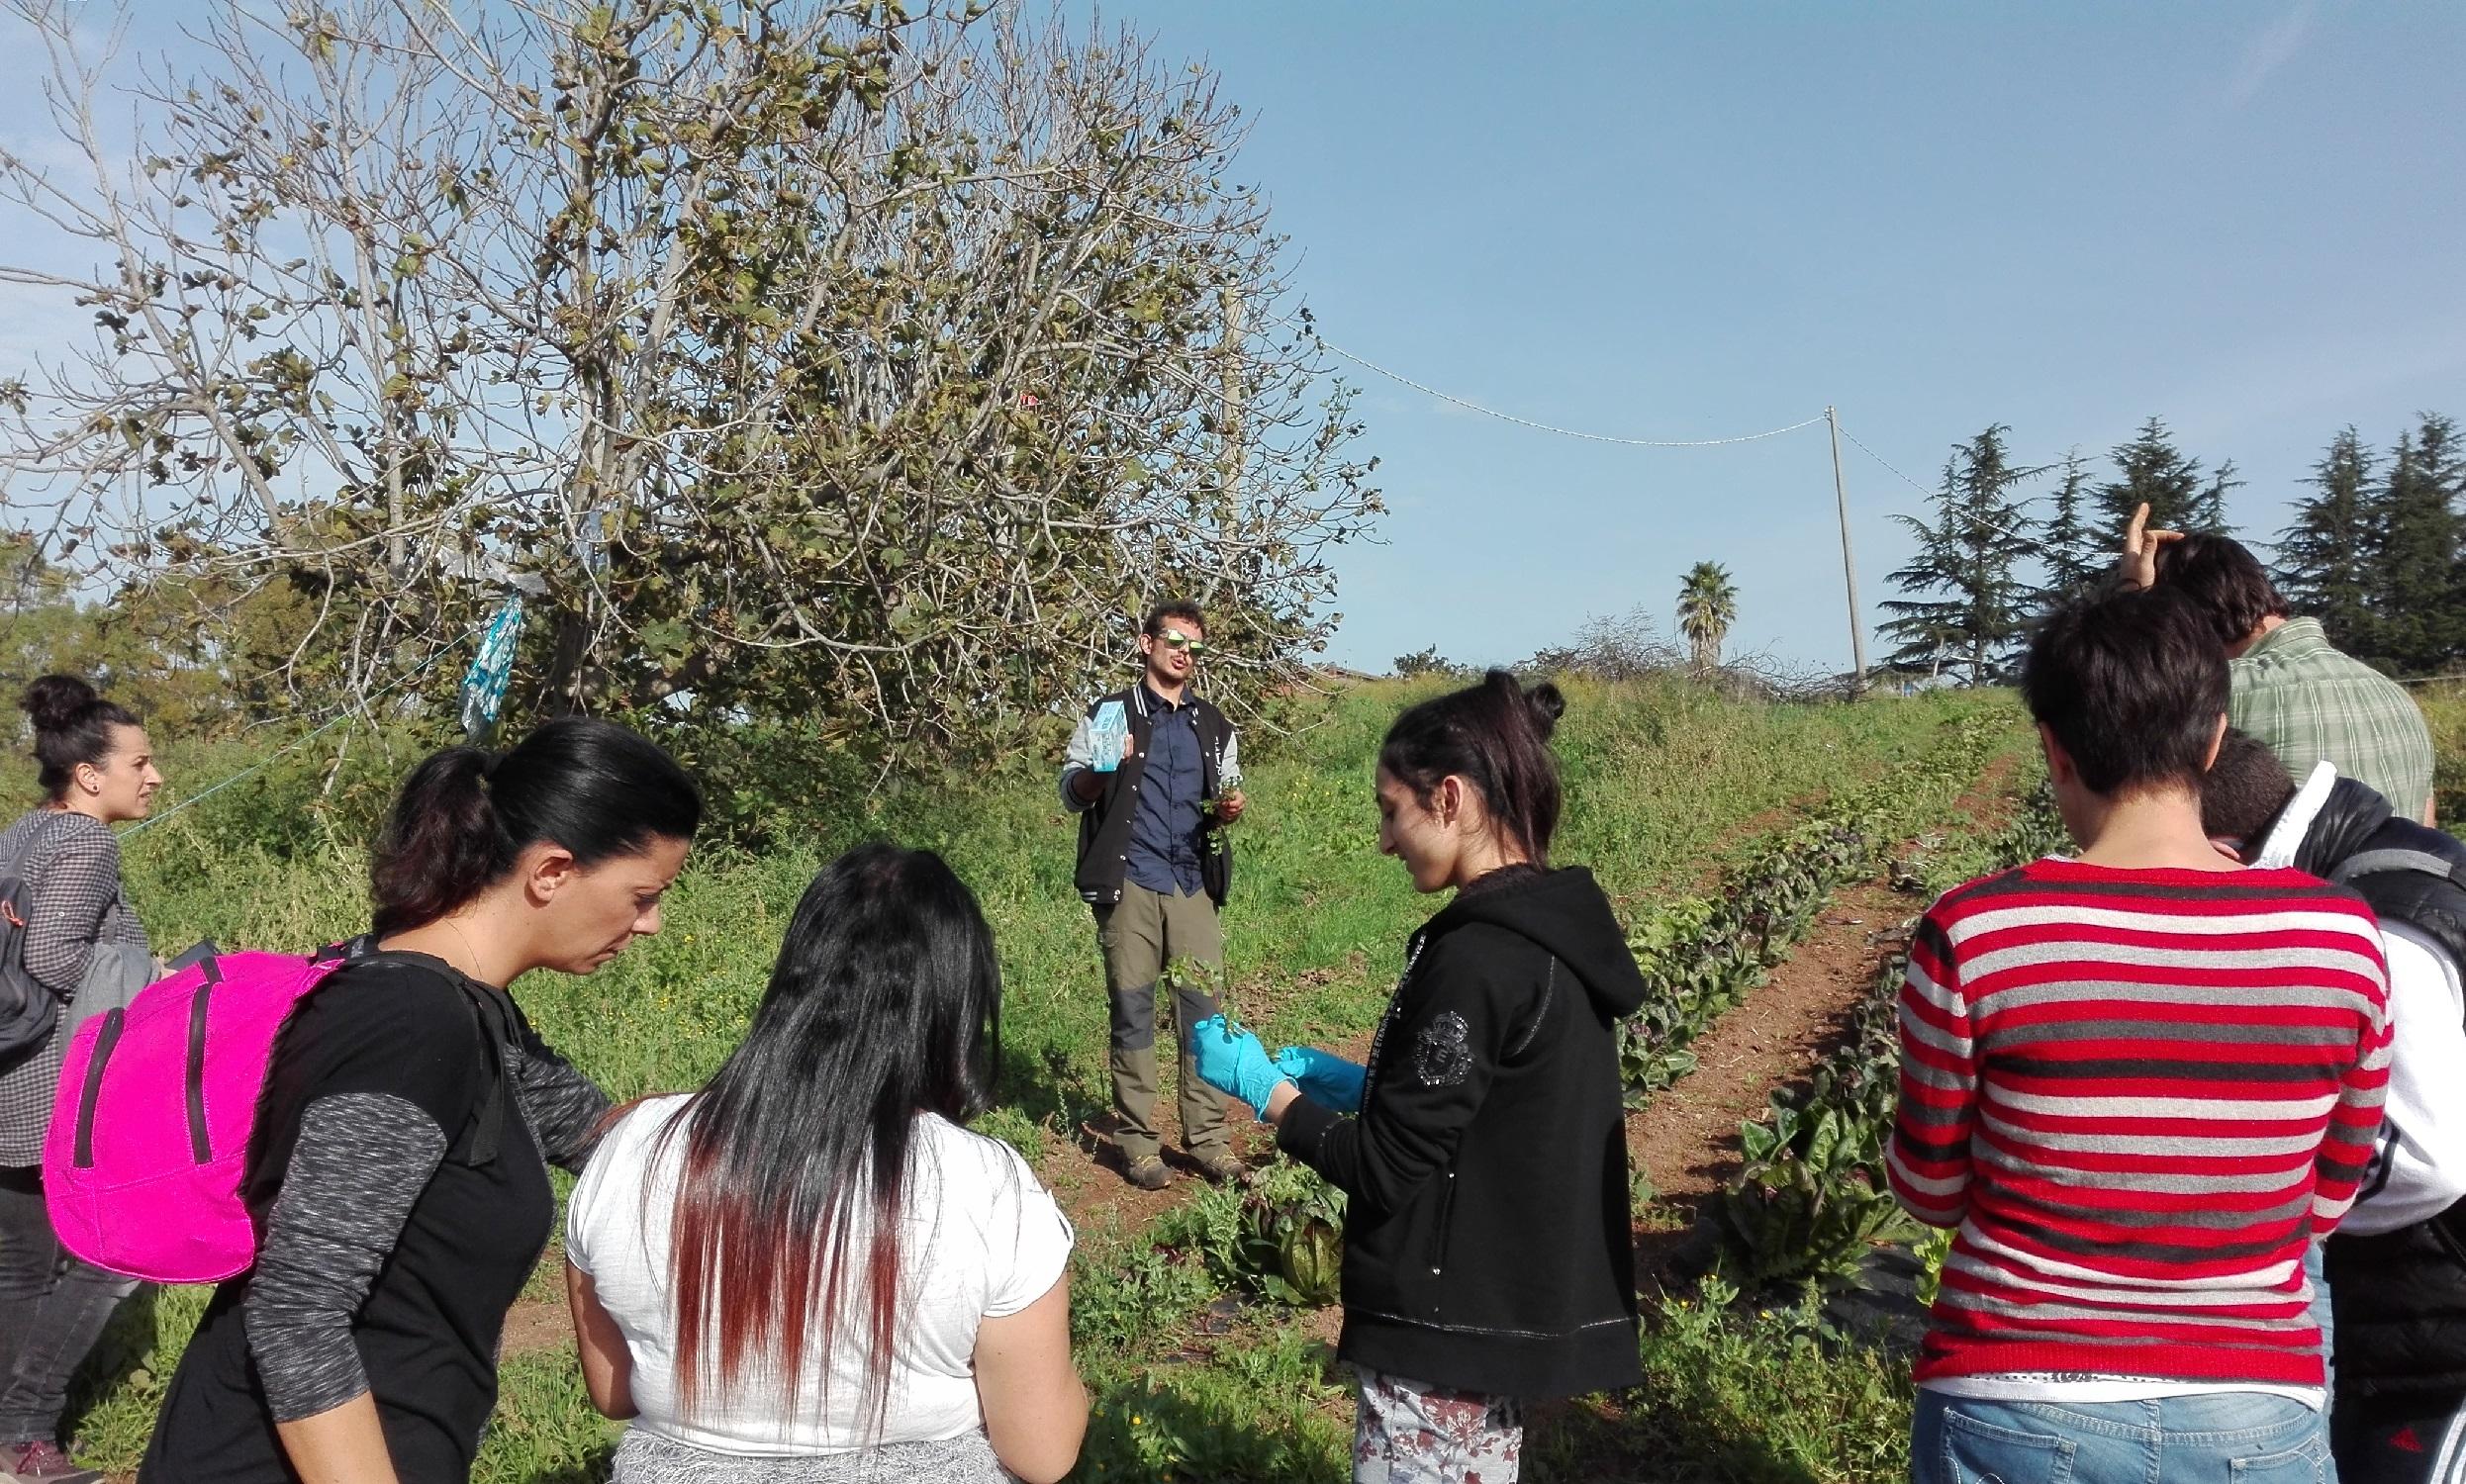 Giornate di Agricoltura Sociale - Il primo incontro tra l'adolescente e l'agricoltura sociale